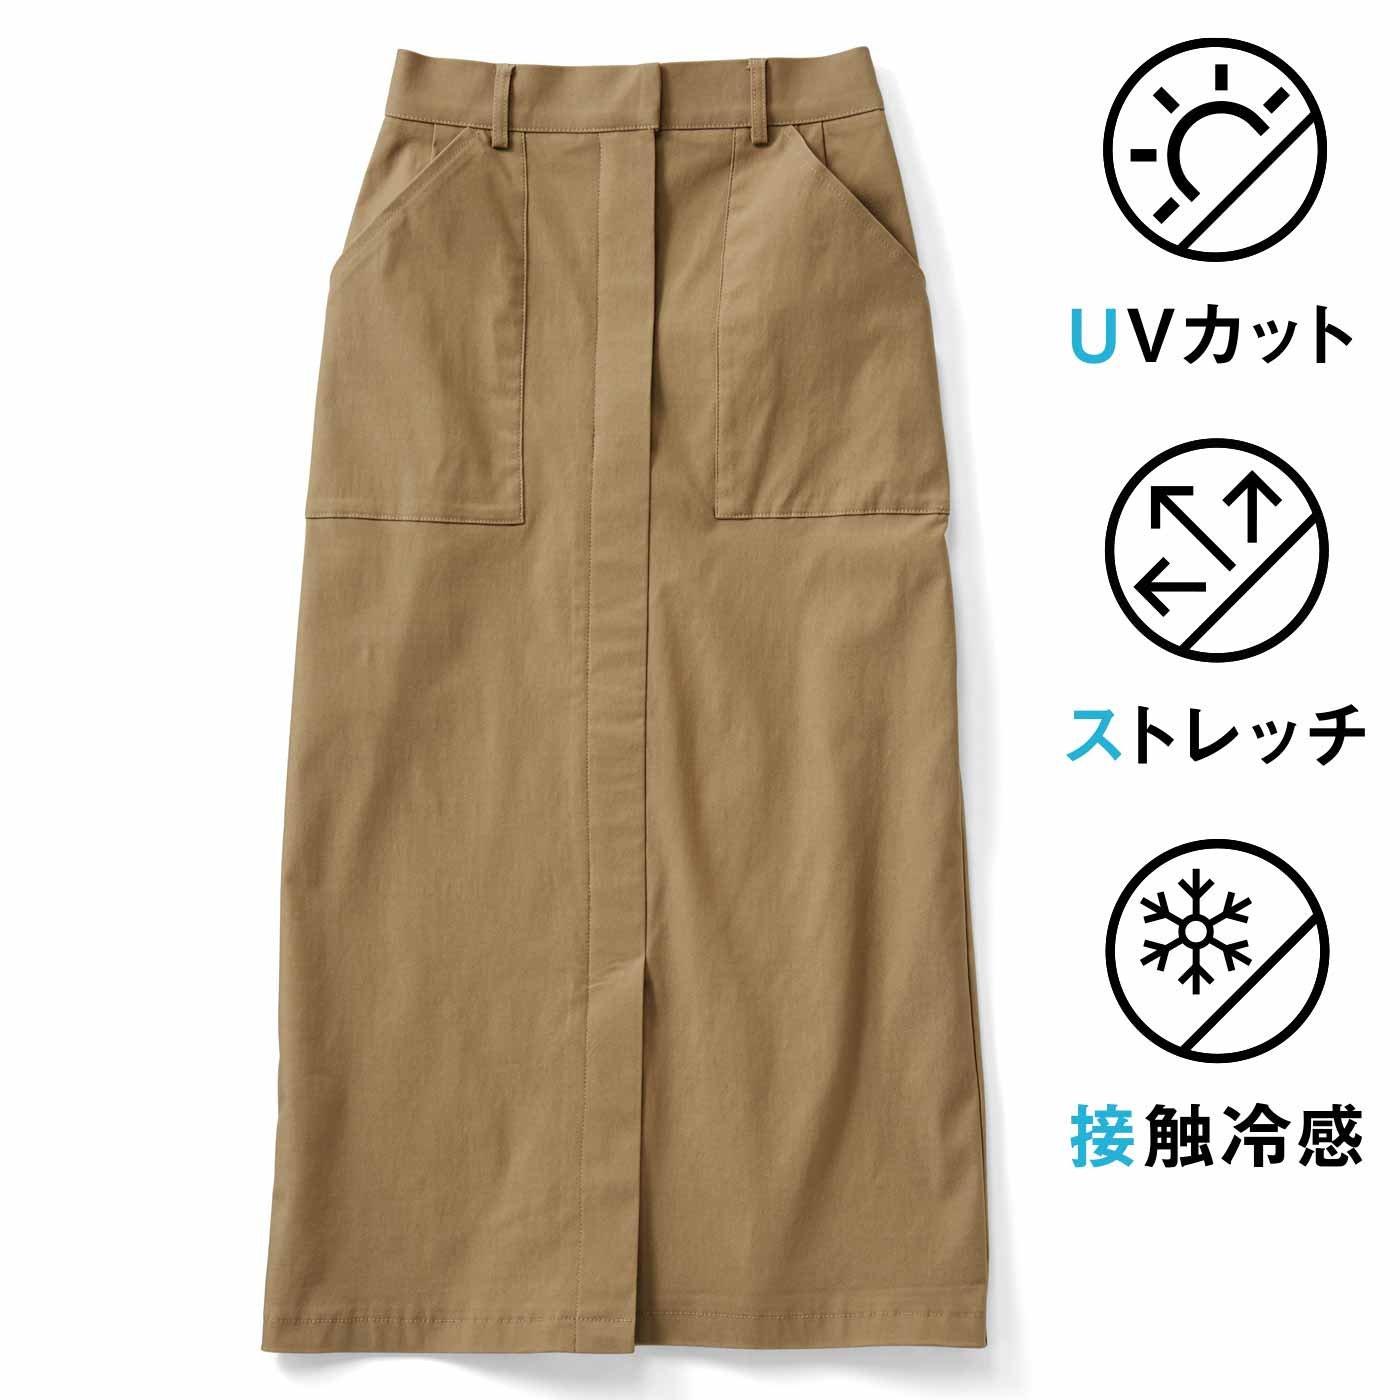 IEDIT[イディット] ストレッチ素材のIライン クレッシェンドカットスカート〈ベージュ〉